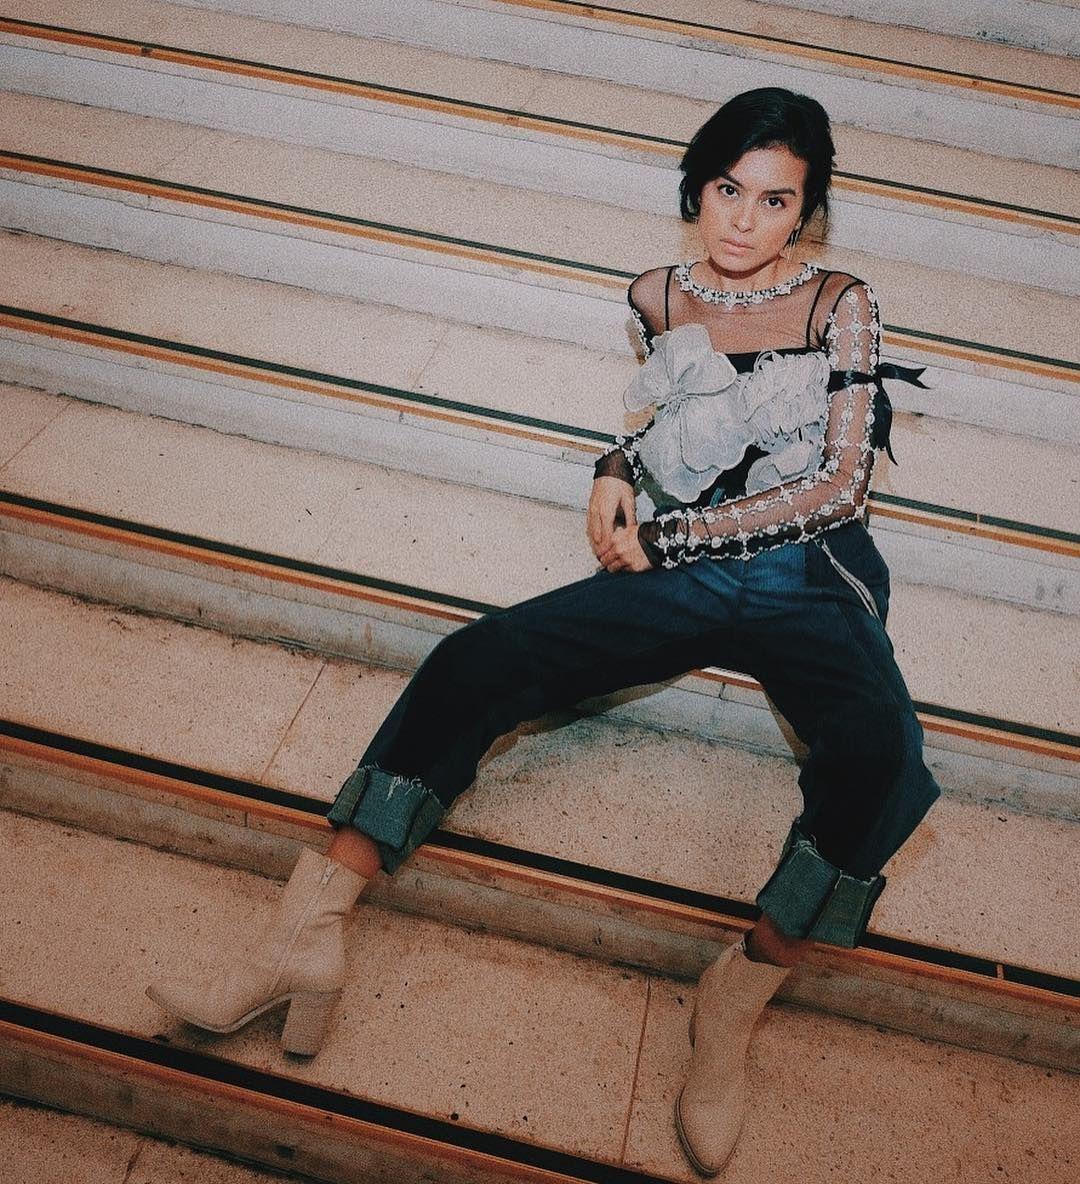 Billie Eilish hingga Agnez Mo, Ini Penyanyi Muda yang Gayanya Nyentrik